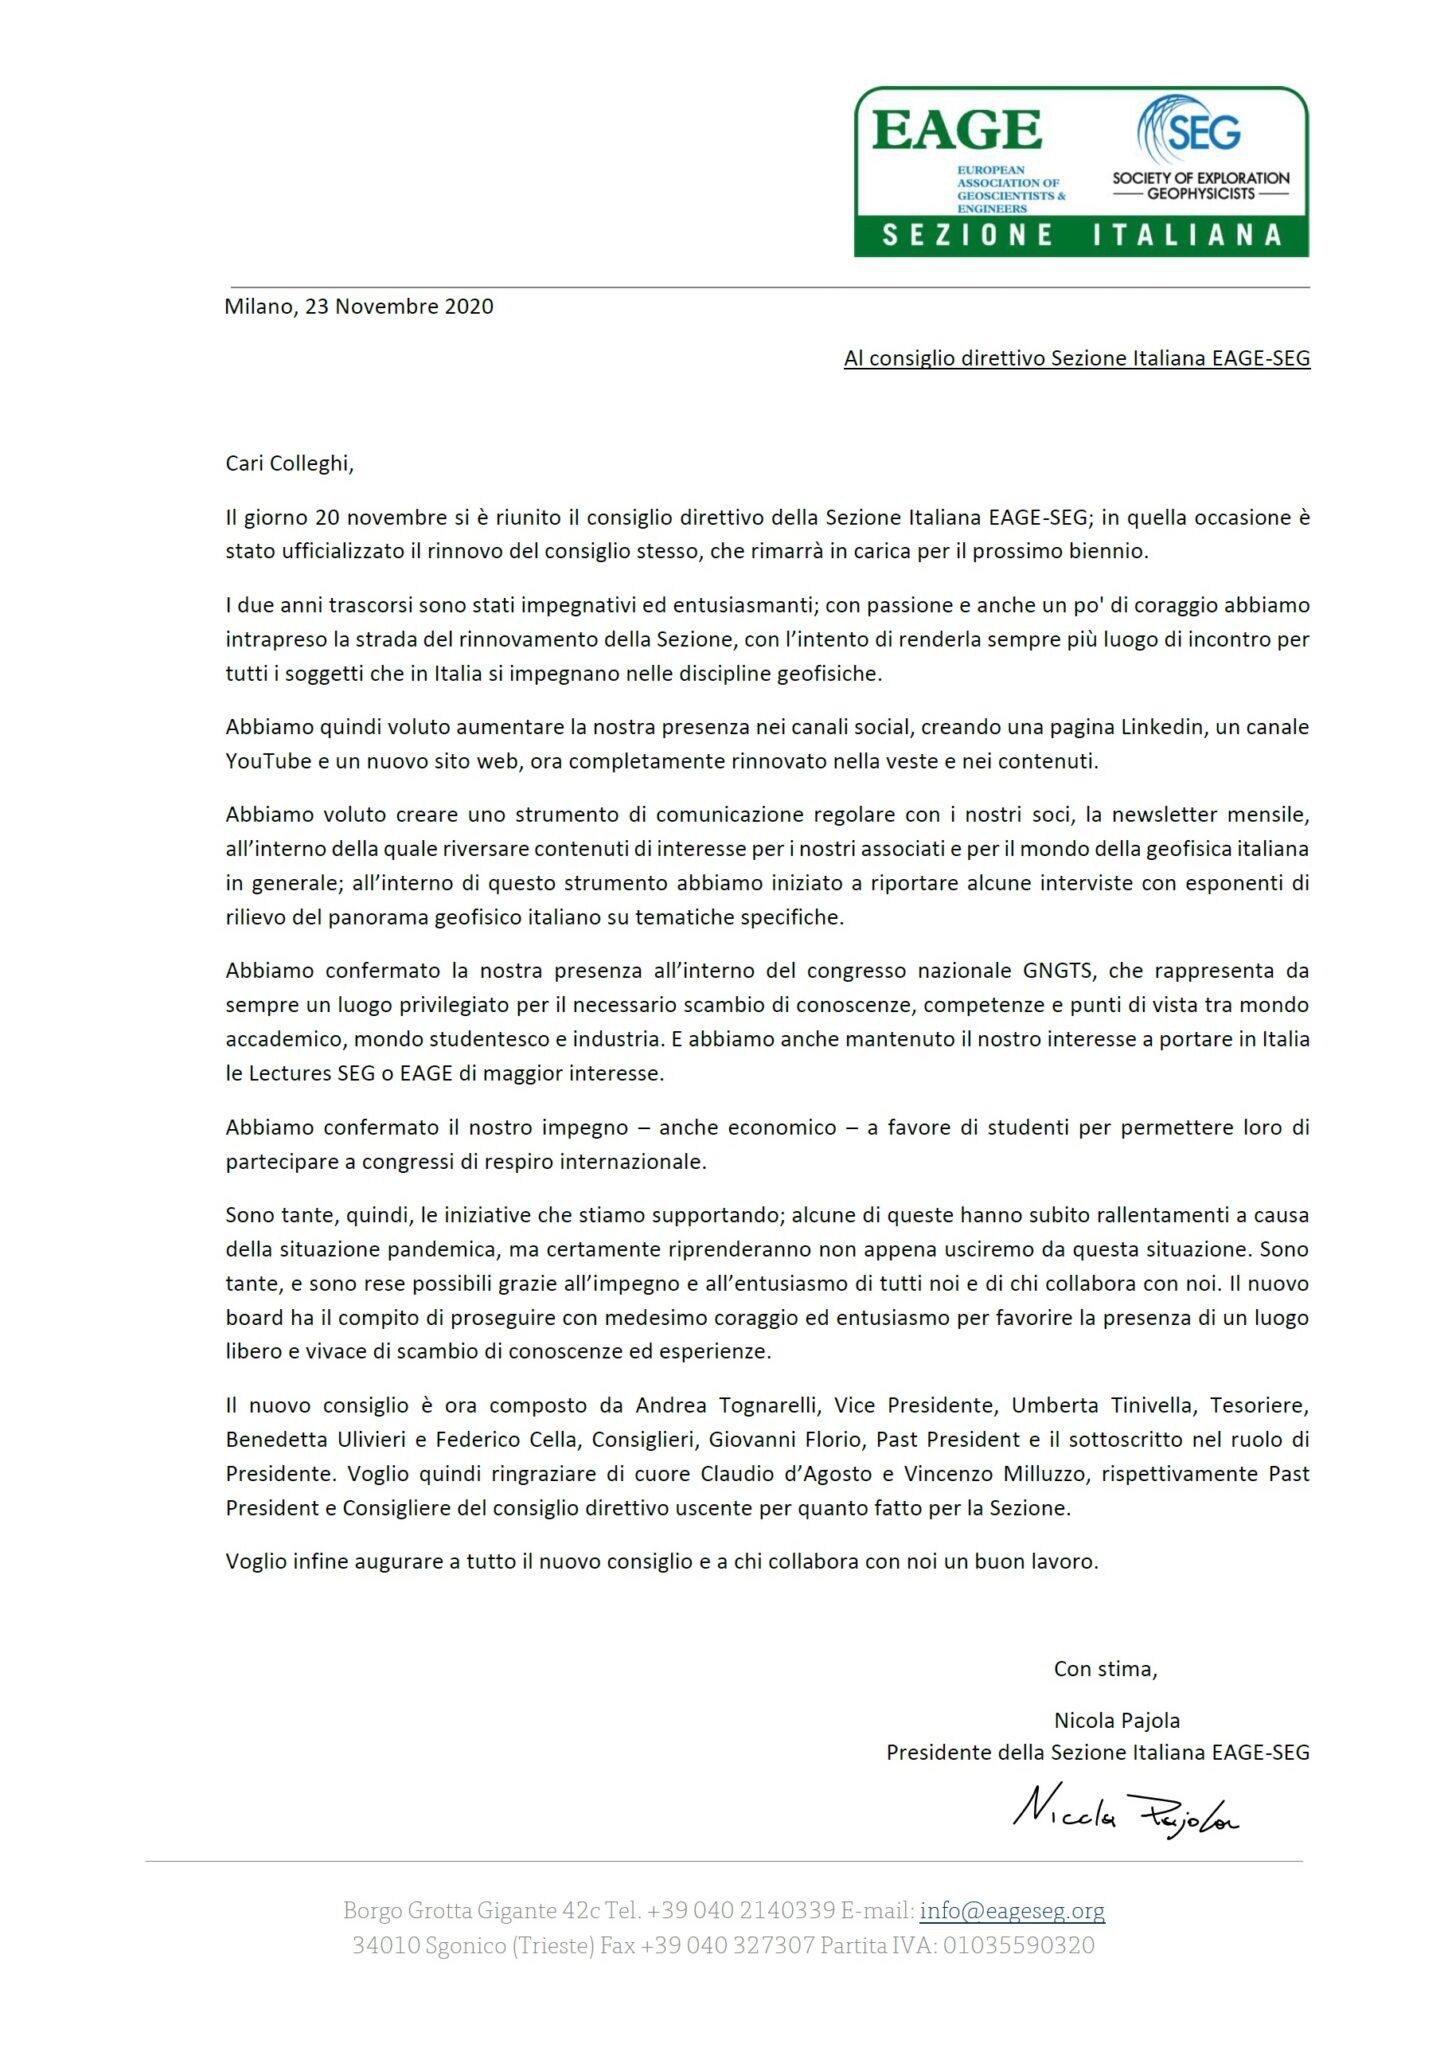 Lettera del Presidente Nicola Pajola, 23 Nov. 2020